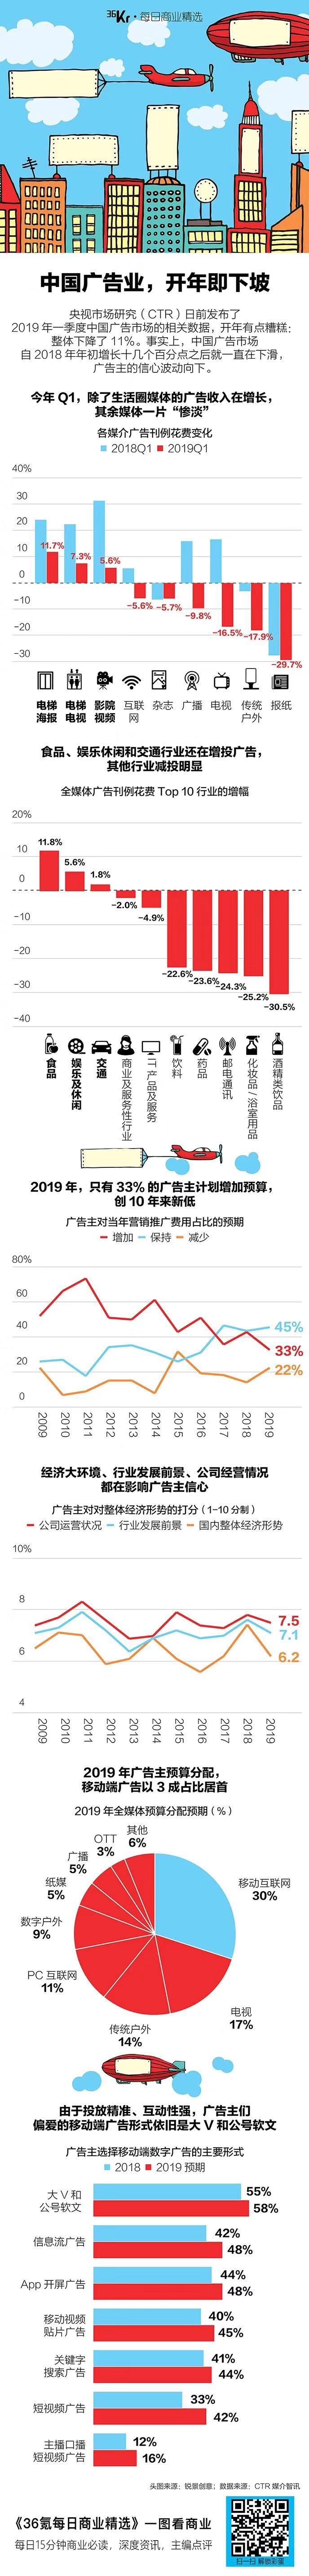 CTR发布2019年第一季度中国广告市场